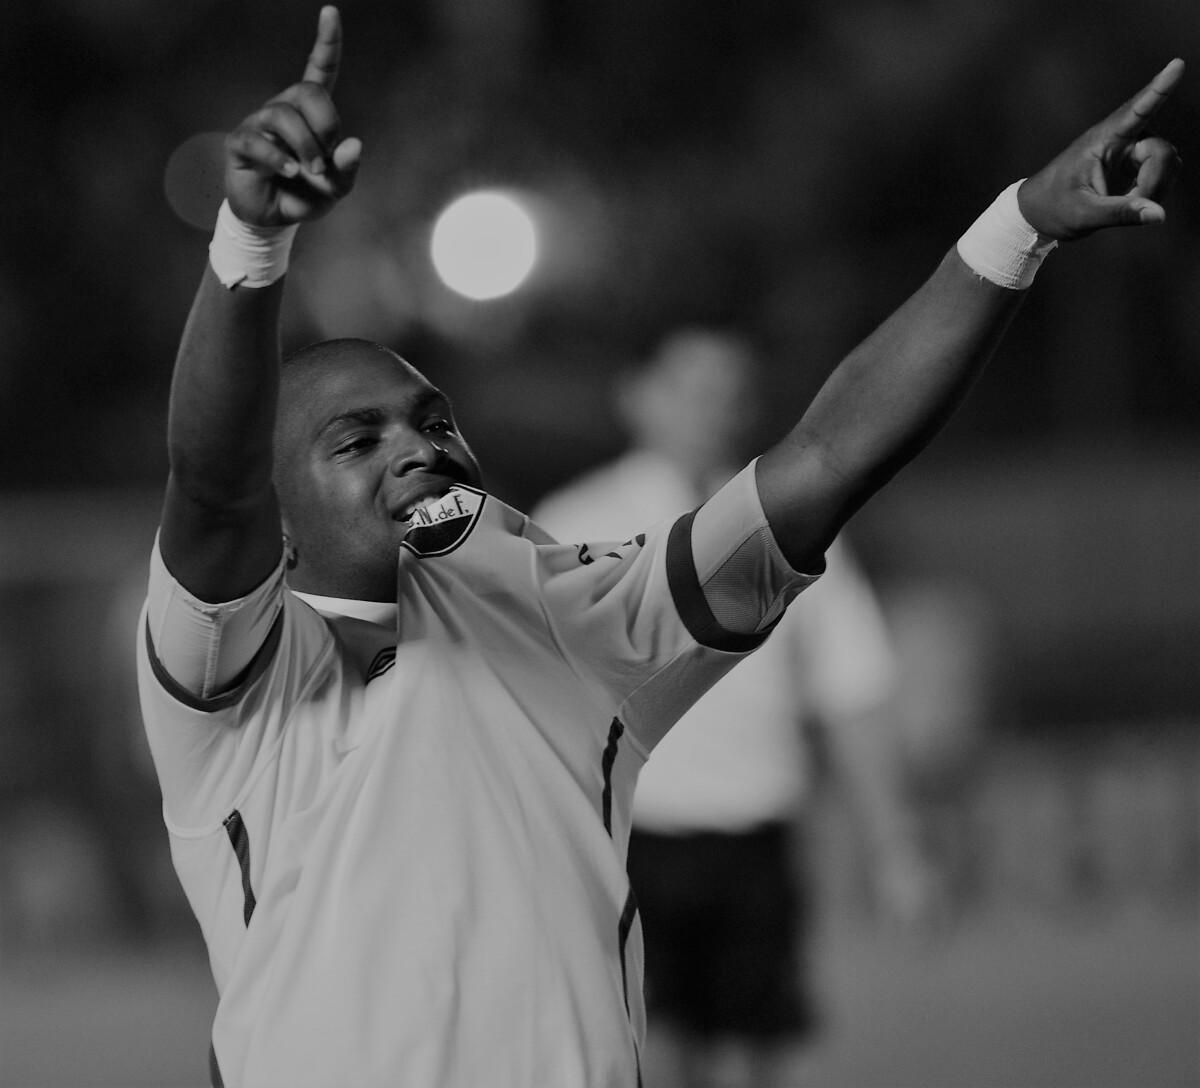 Resultado de imagen para muerto santiago garcía, futbolista uruguayo de godoy cruz